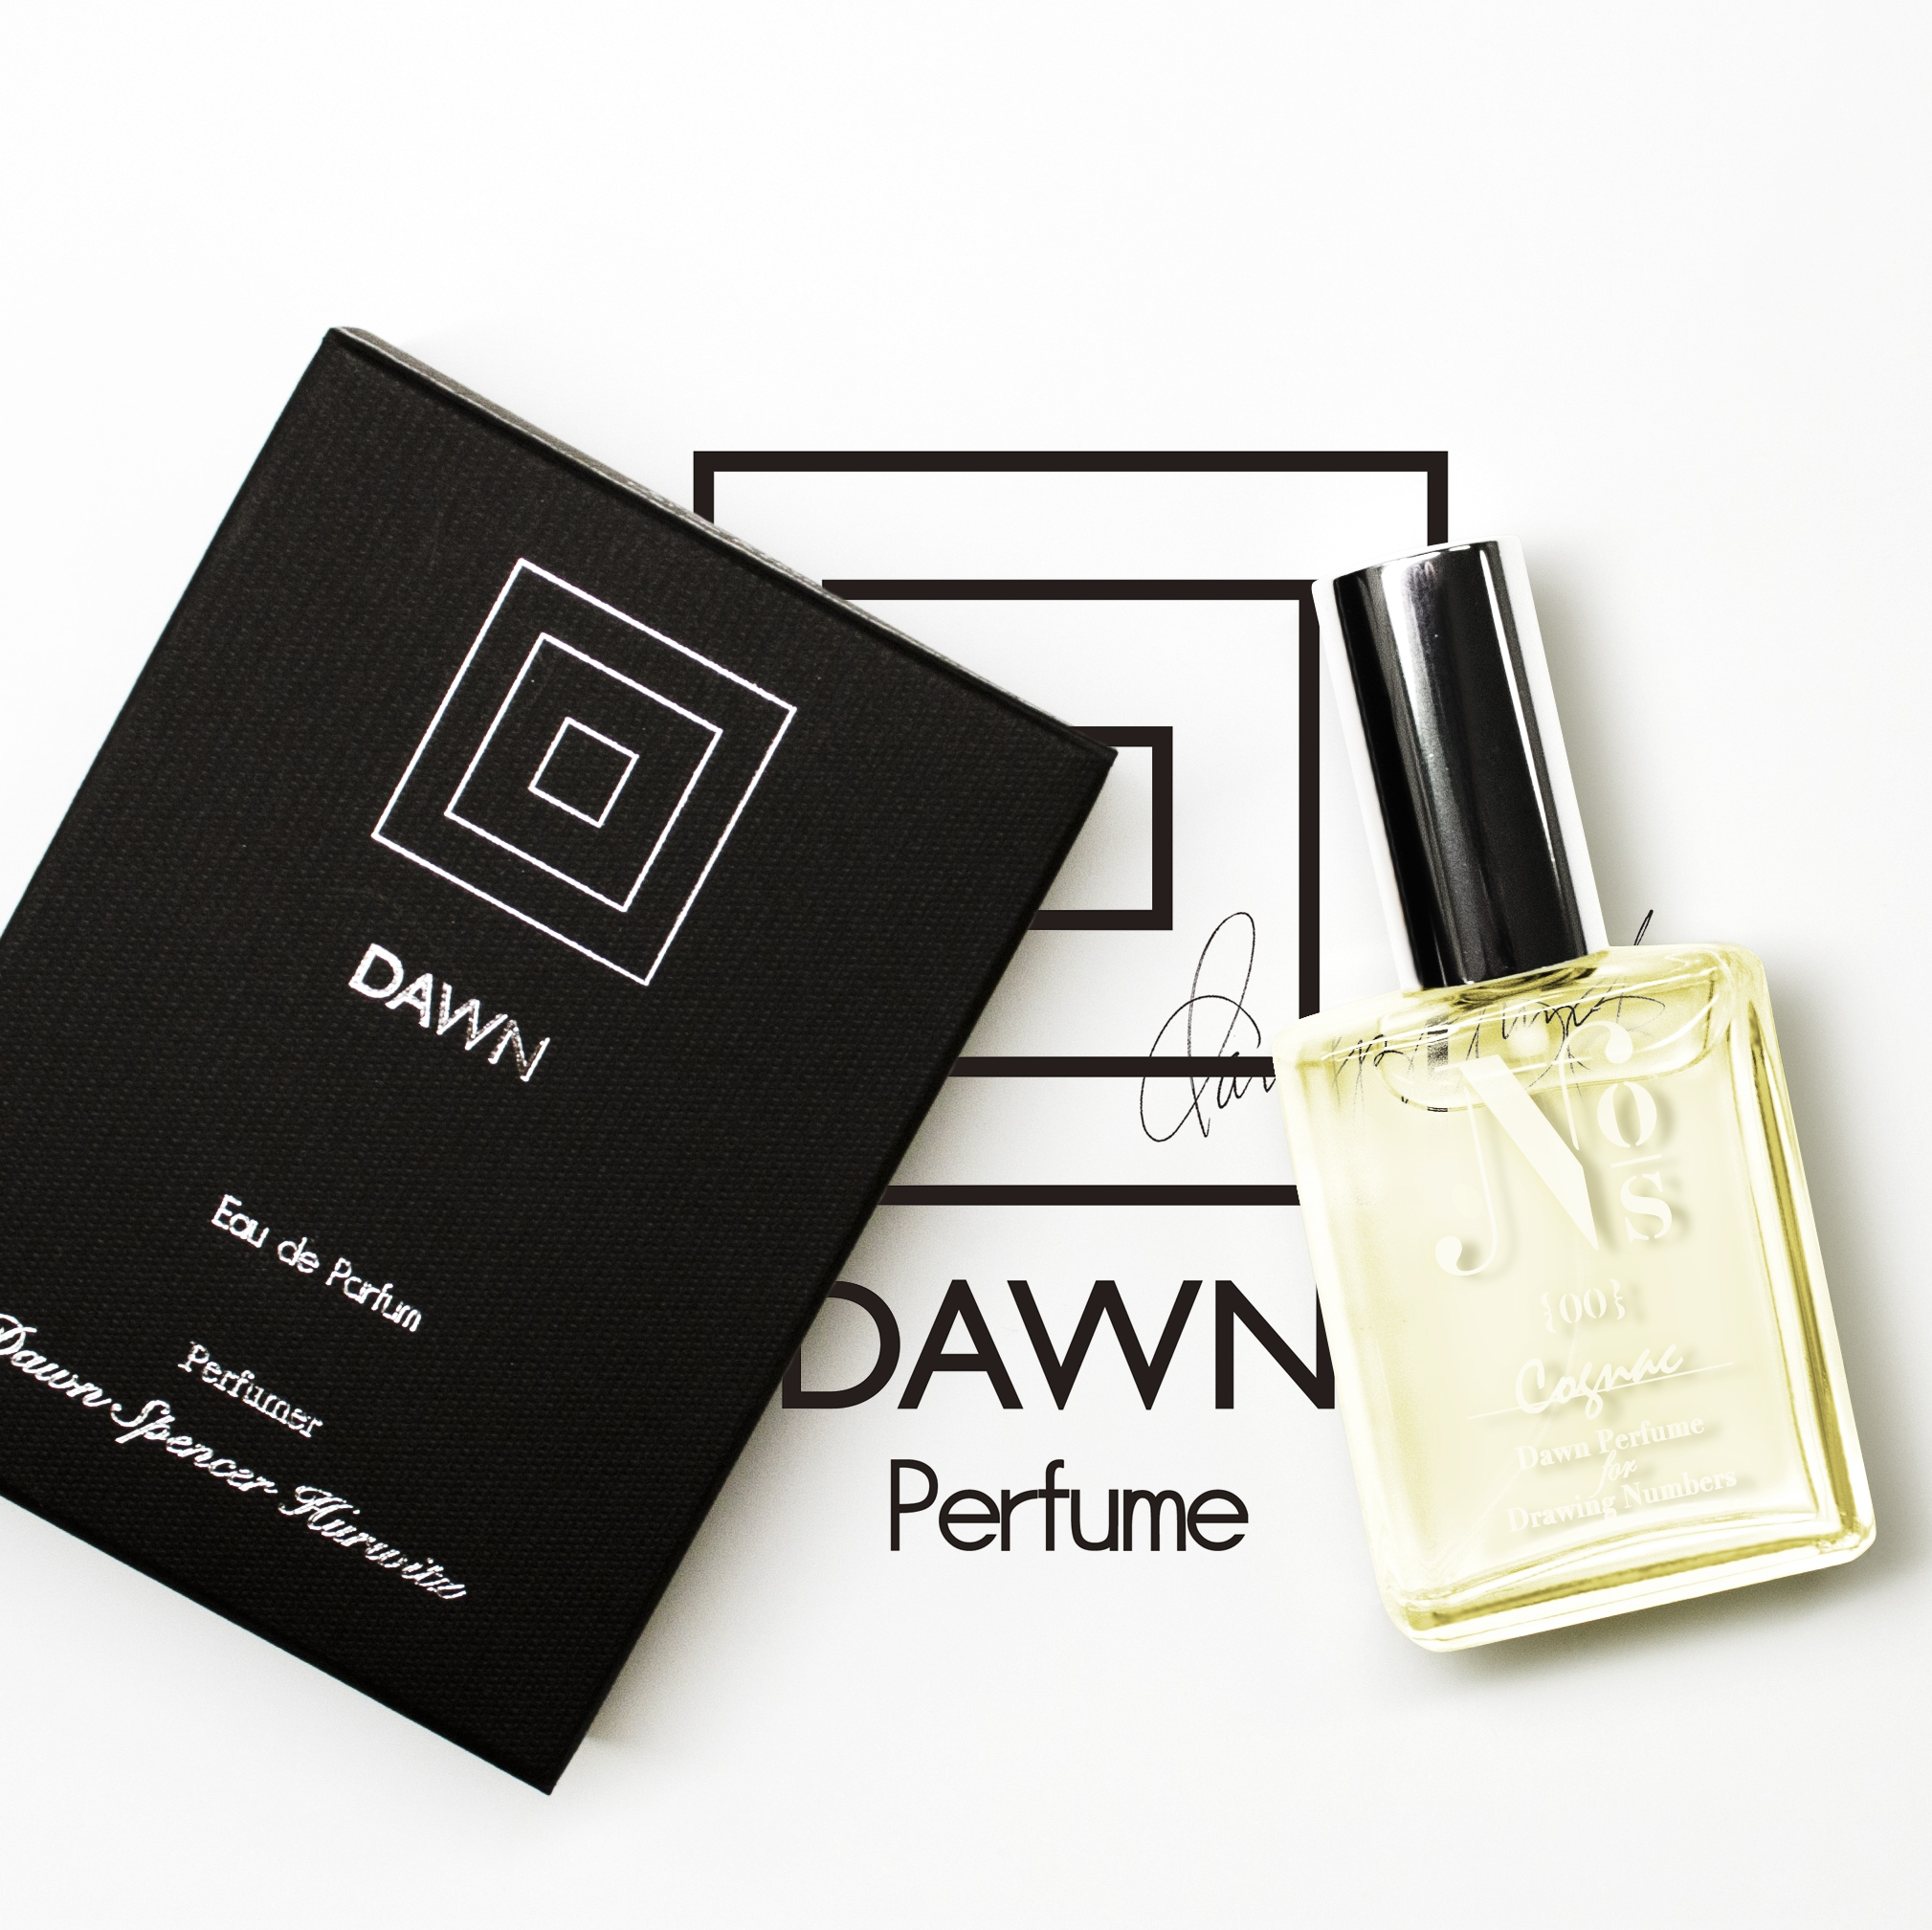 Dawn perfume